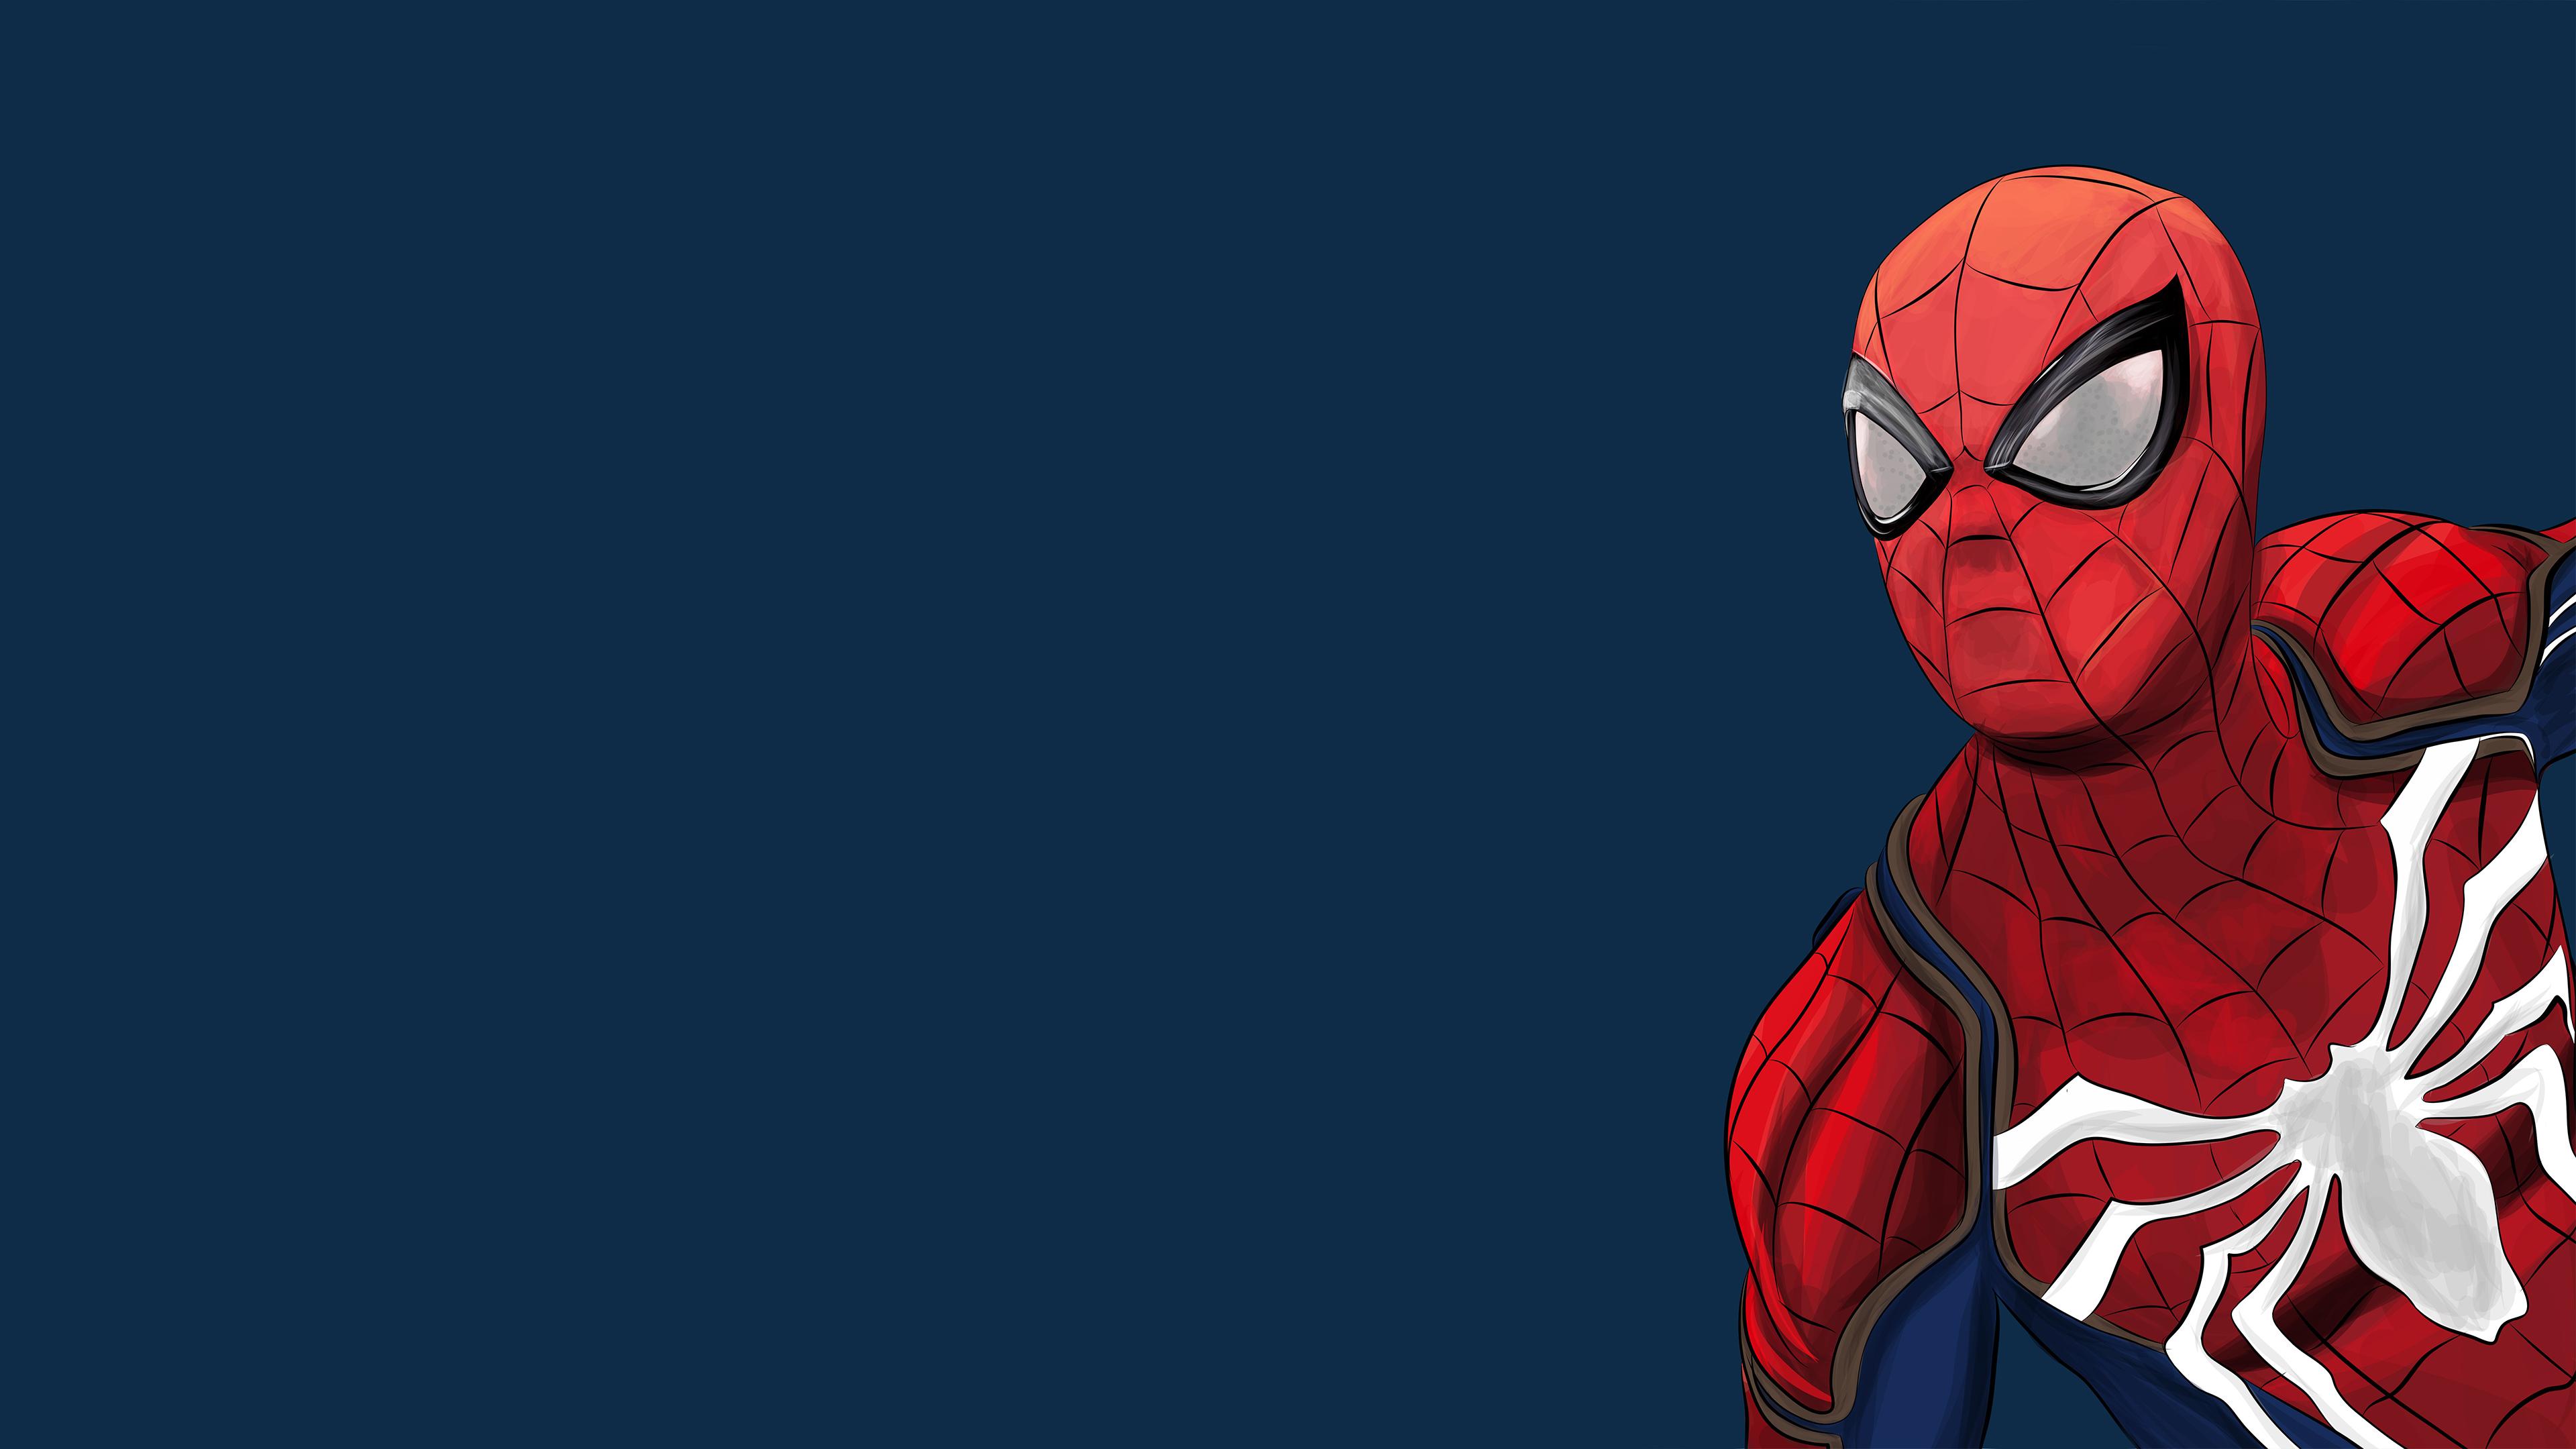 Spiderman Ps4 Artwork 4k 2018, HD Superheroes, 4k ...